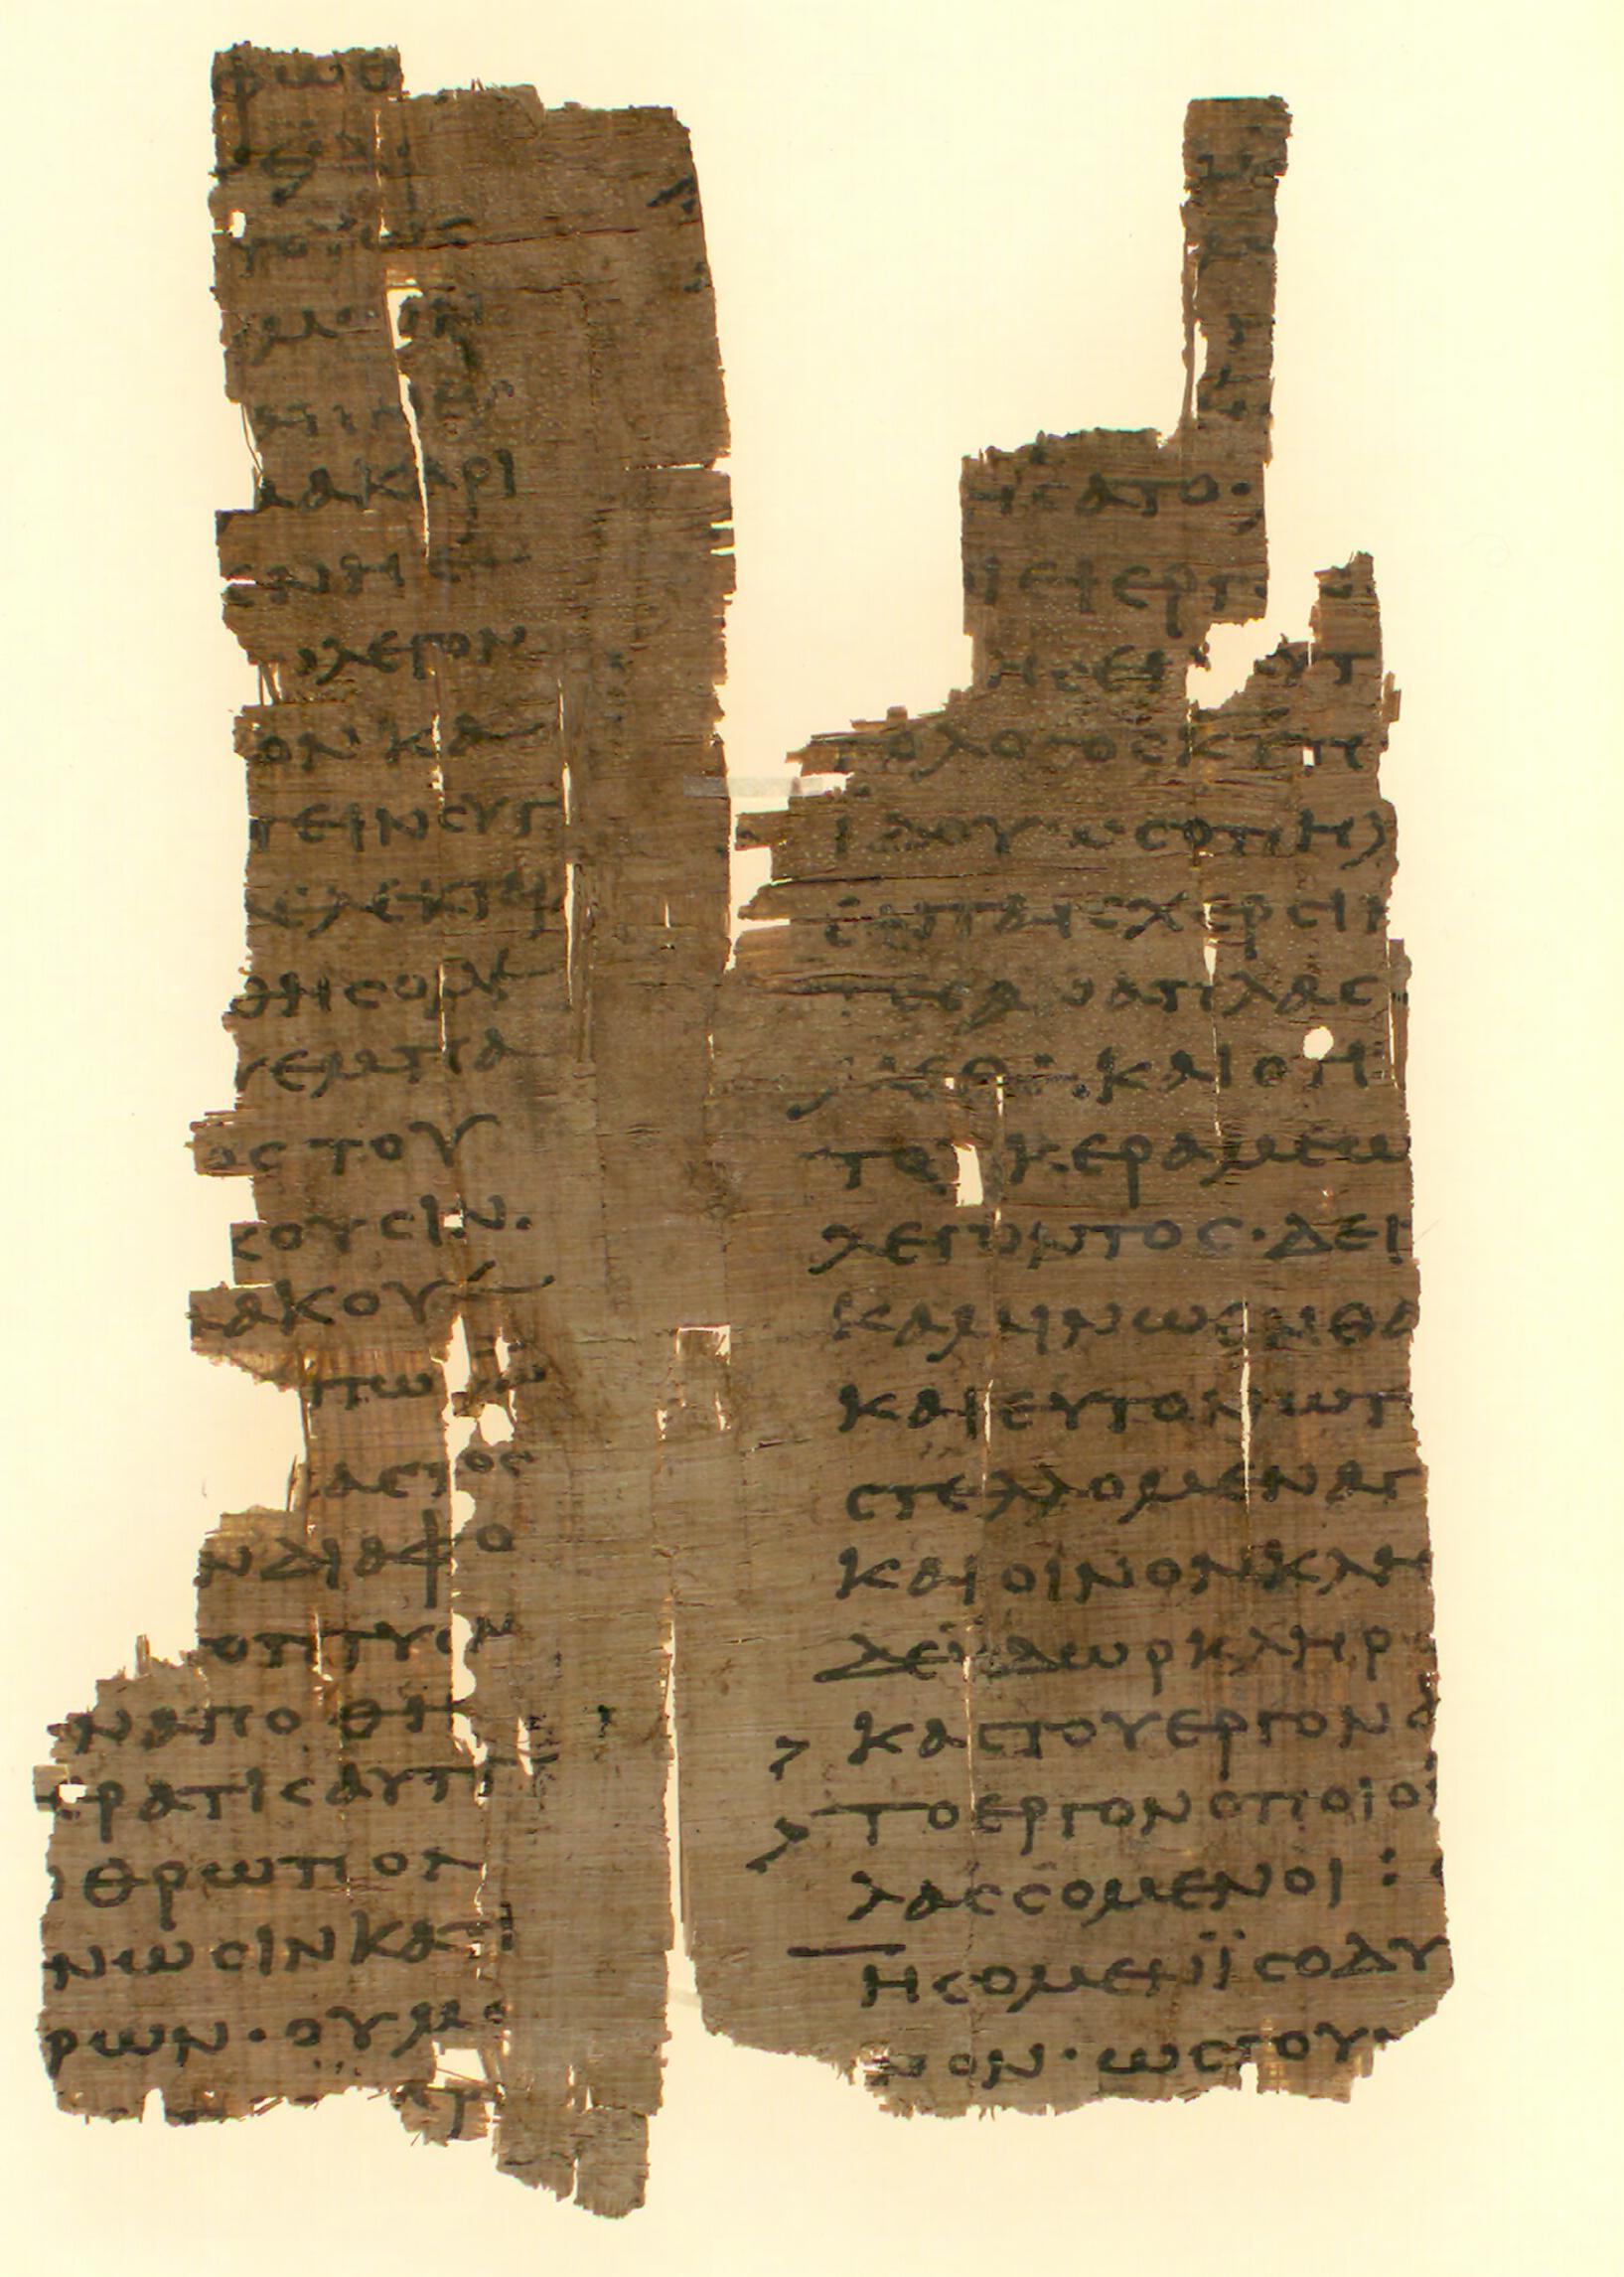 Aspas em um papiro grego do segundo ou terceiro século. Fonte: Universidade de Michigan